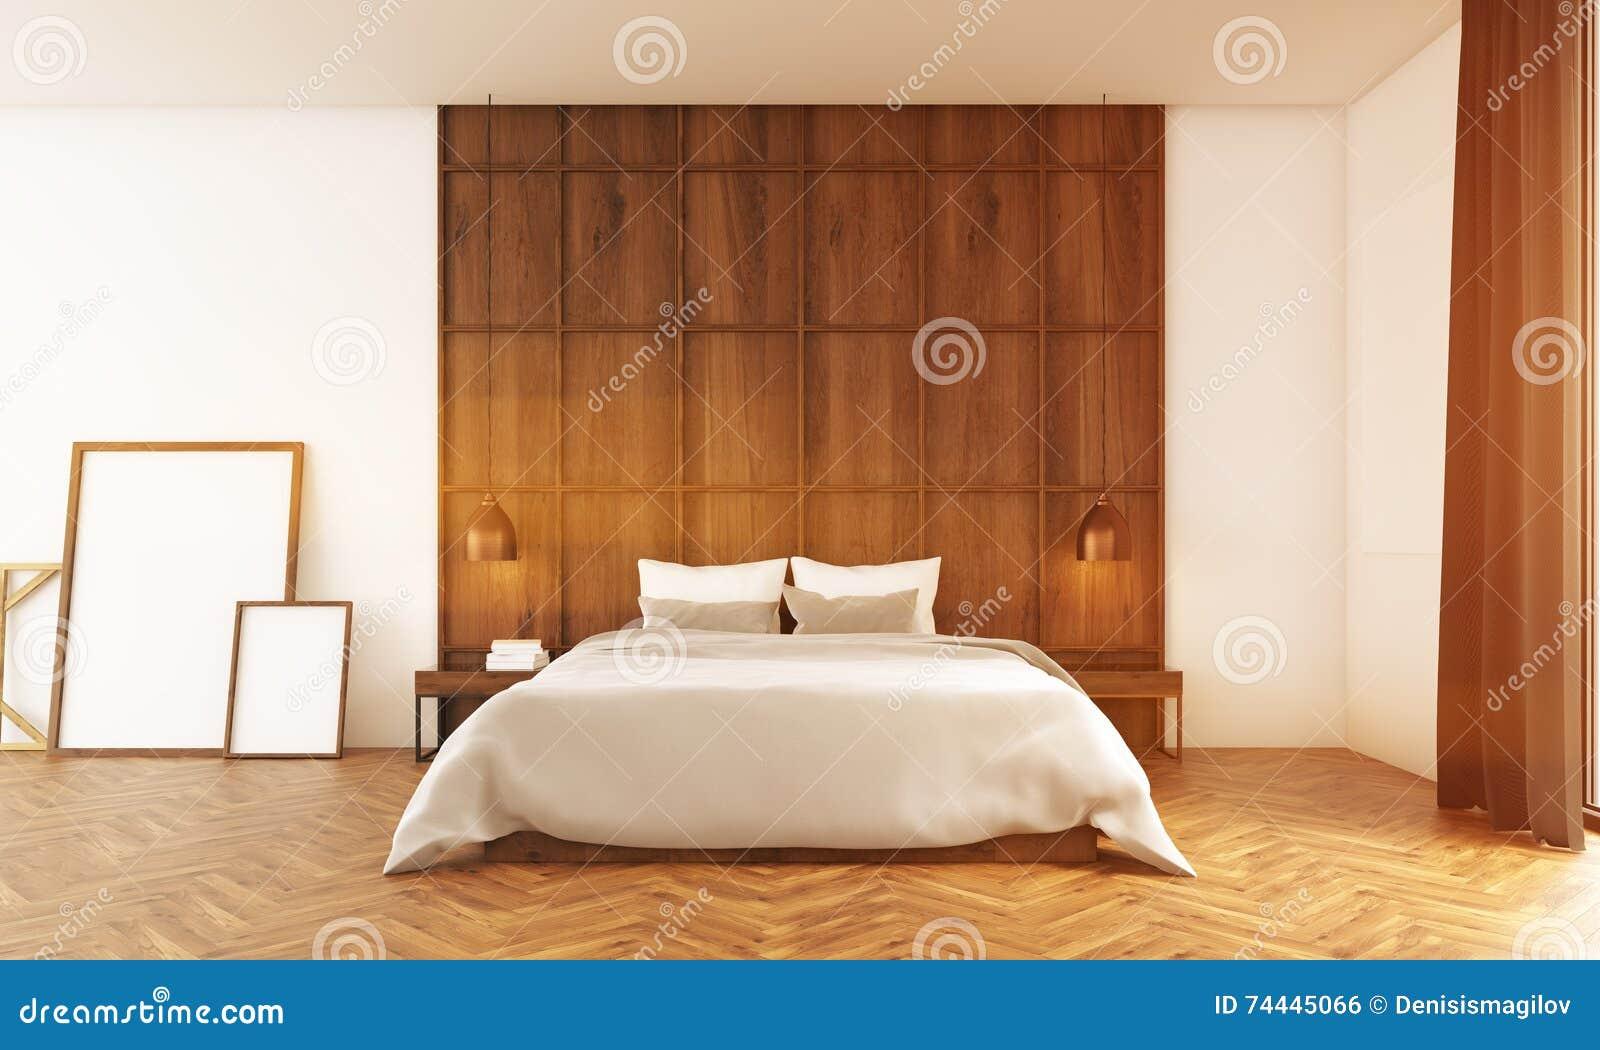 Download Großes Schlafzimmer Mit Poster Nahe Hölzerner Wand Stock Abbildung    Illustration Von Hell, Decke